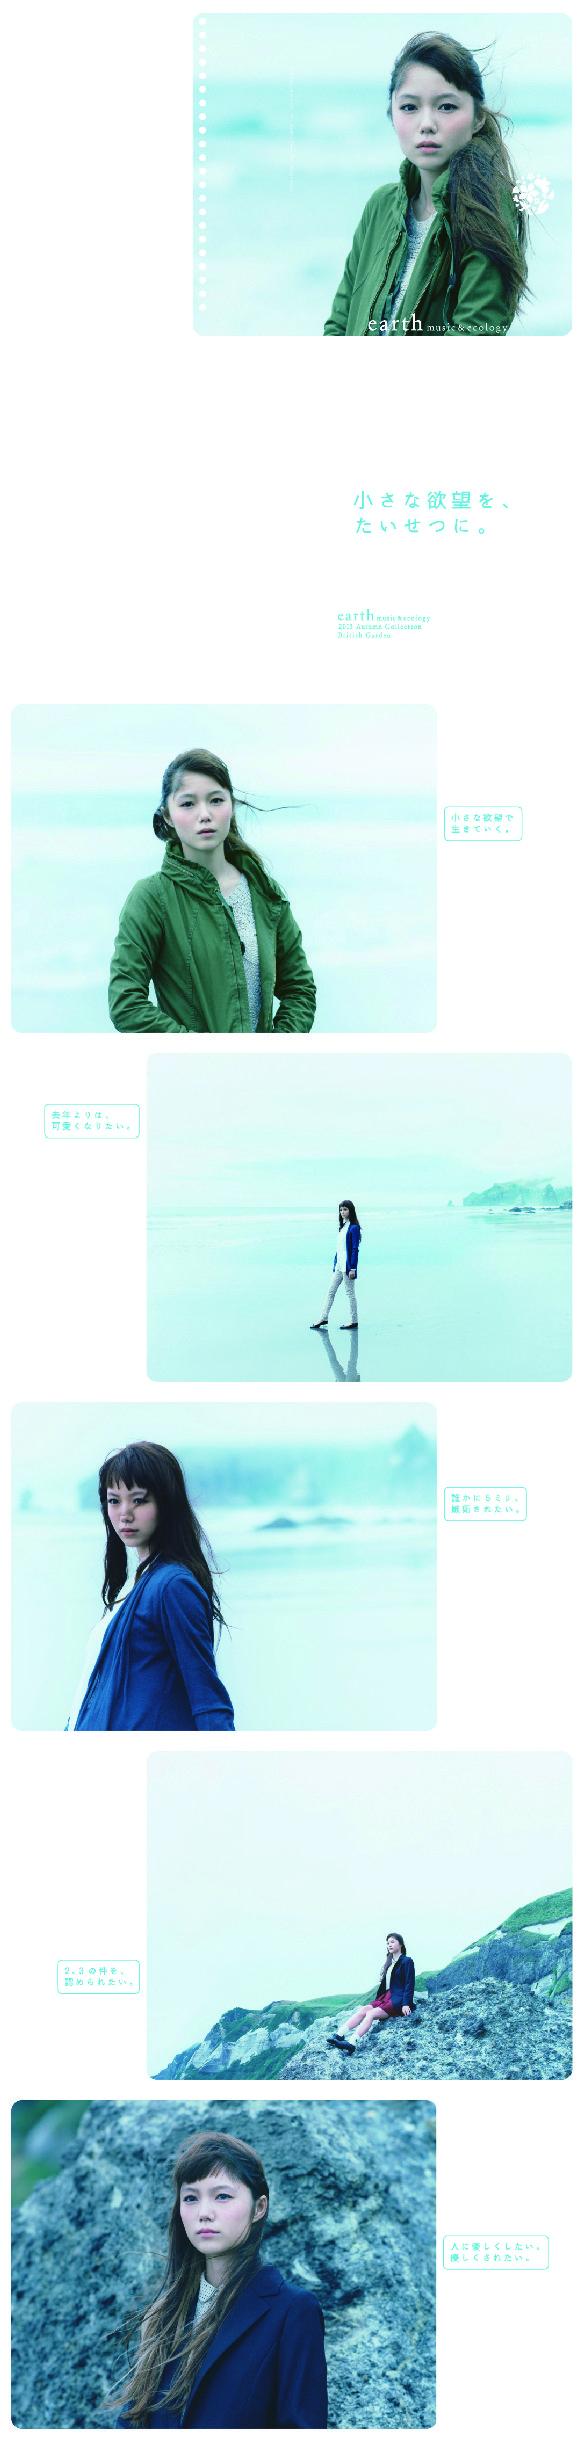 宮﨑あおい earth music&ecology (アースミュージック&エコロジー) 2013 秋【1】